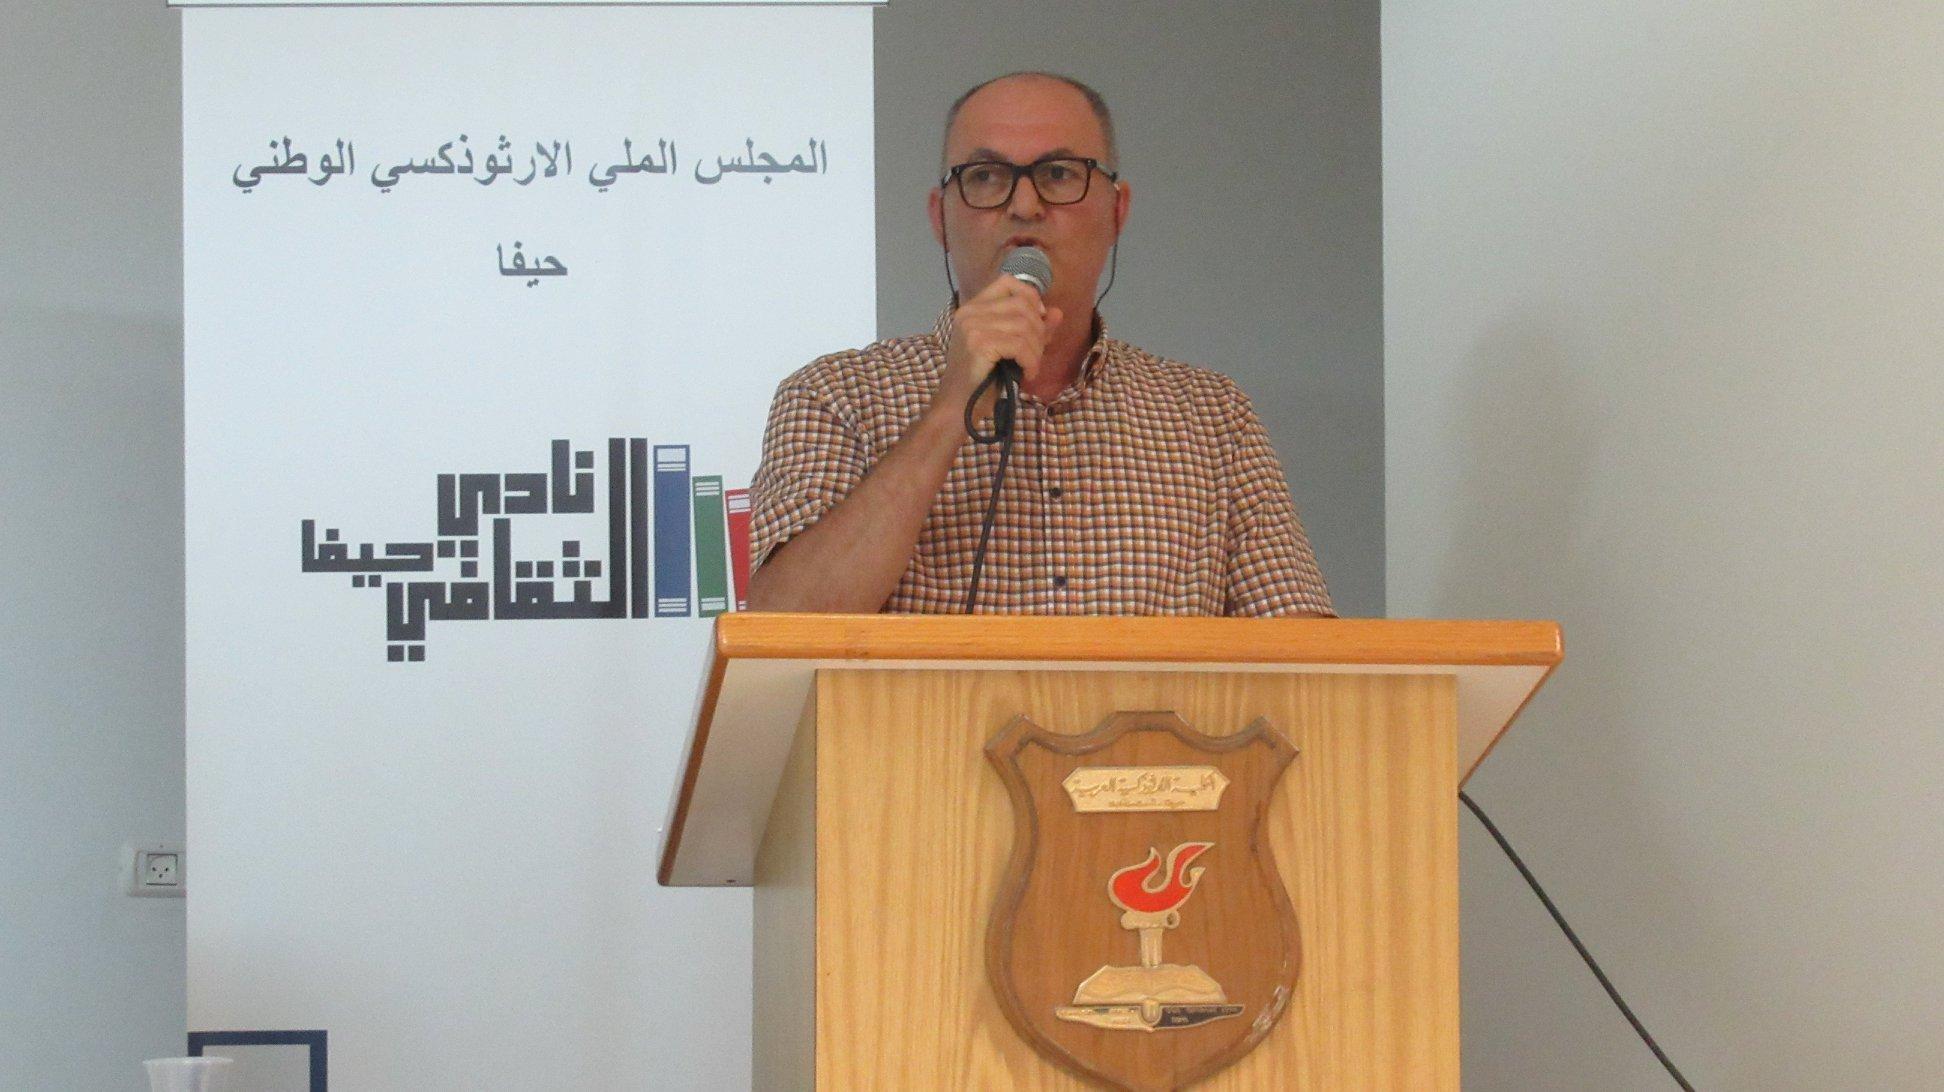 نادي حيفا الثقافي يحتفي بالأديب محمد نفاع في أمسية ثقافية لإشهار إصداريه  غبار الثلج و  جبال الريح